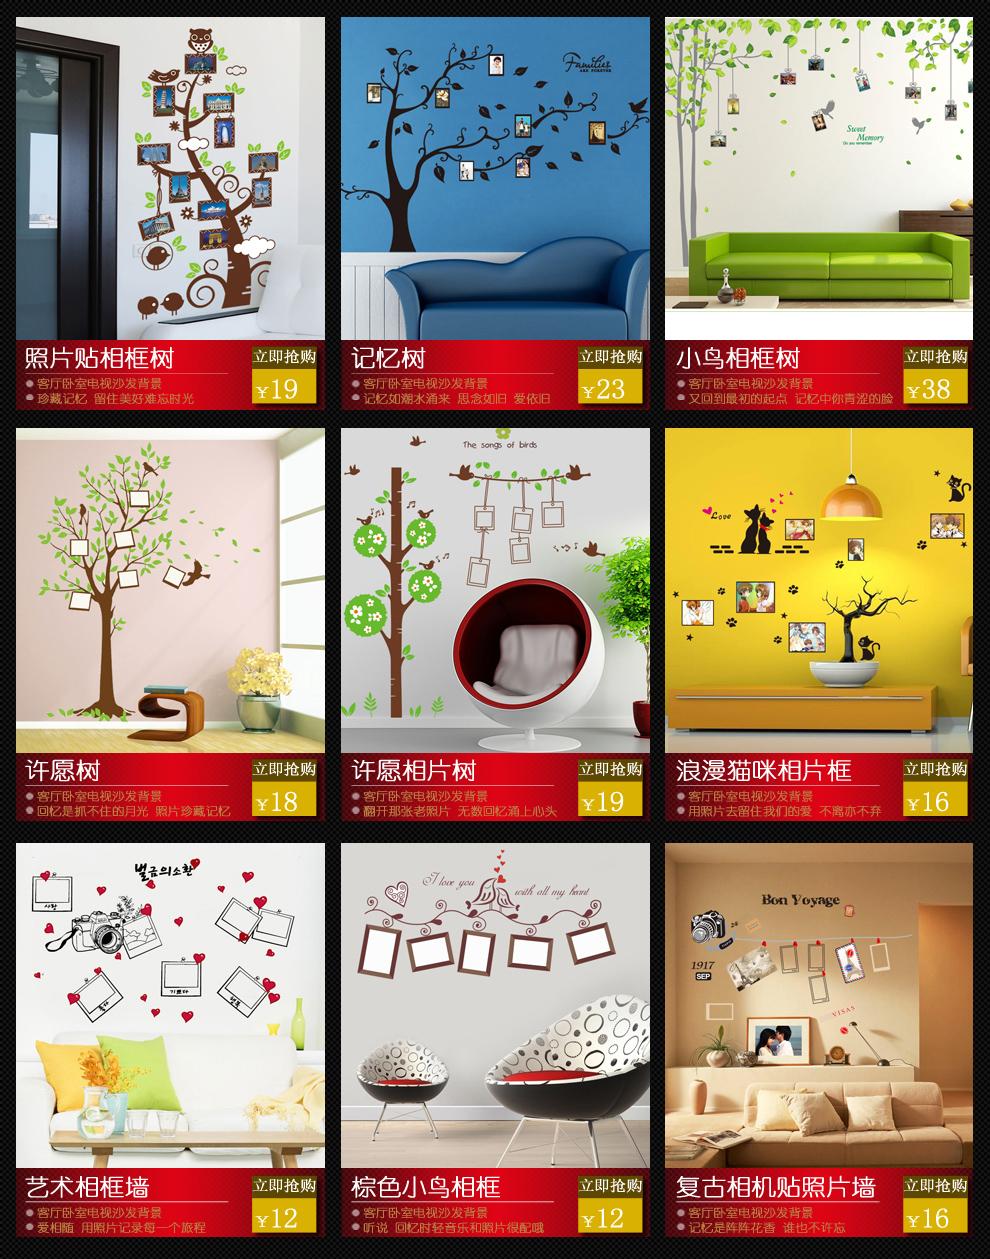 幼儿园早教艺术教室宣传栏墙壁粘贴画